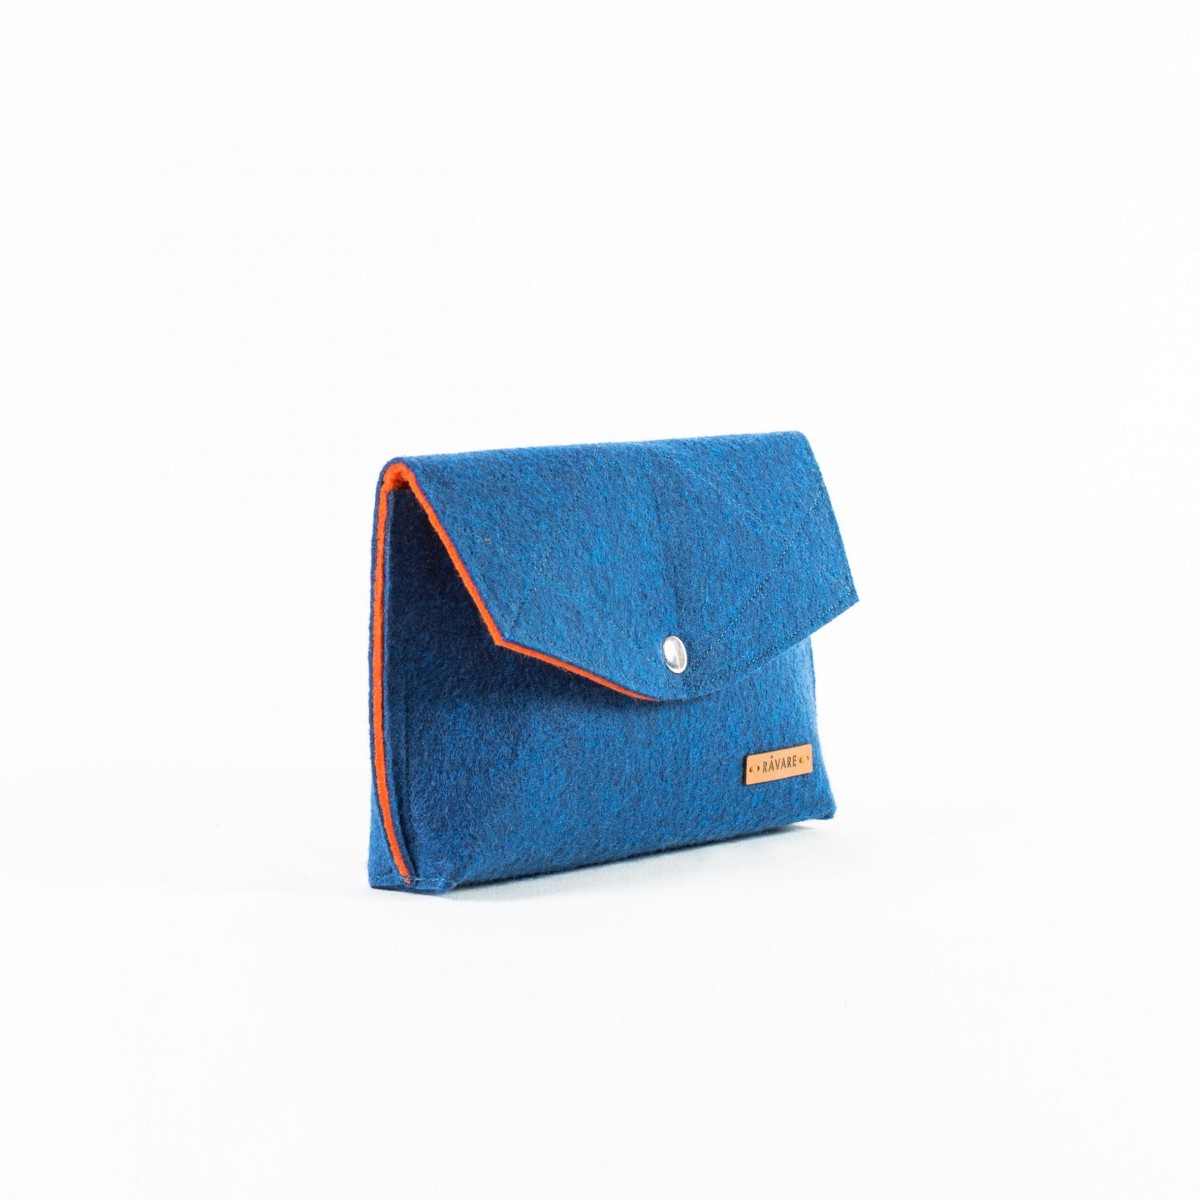 RÅVARE Schicke Umhängetasche mit 2 Tragemöglichkeiten, Clutch & Gürteltasche, kleine Handtasche, Abendtasche in blau-orange [GJOKO]